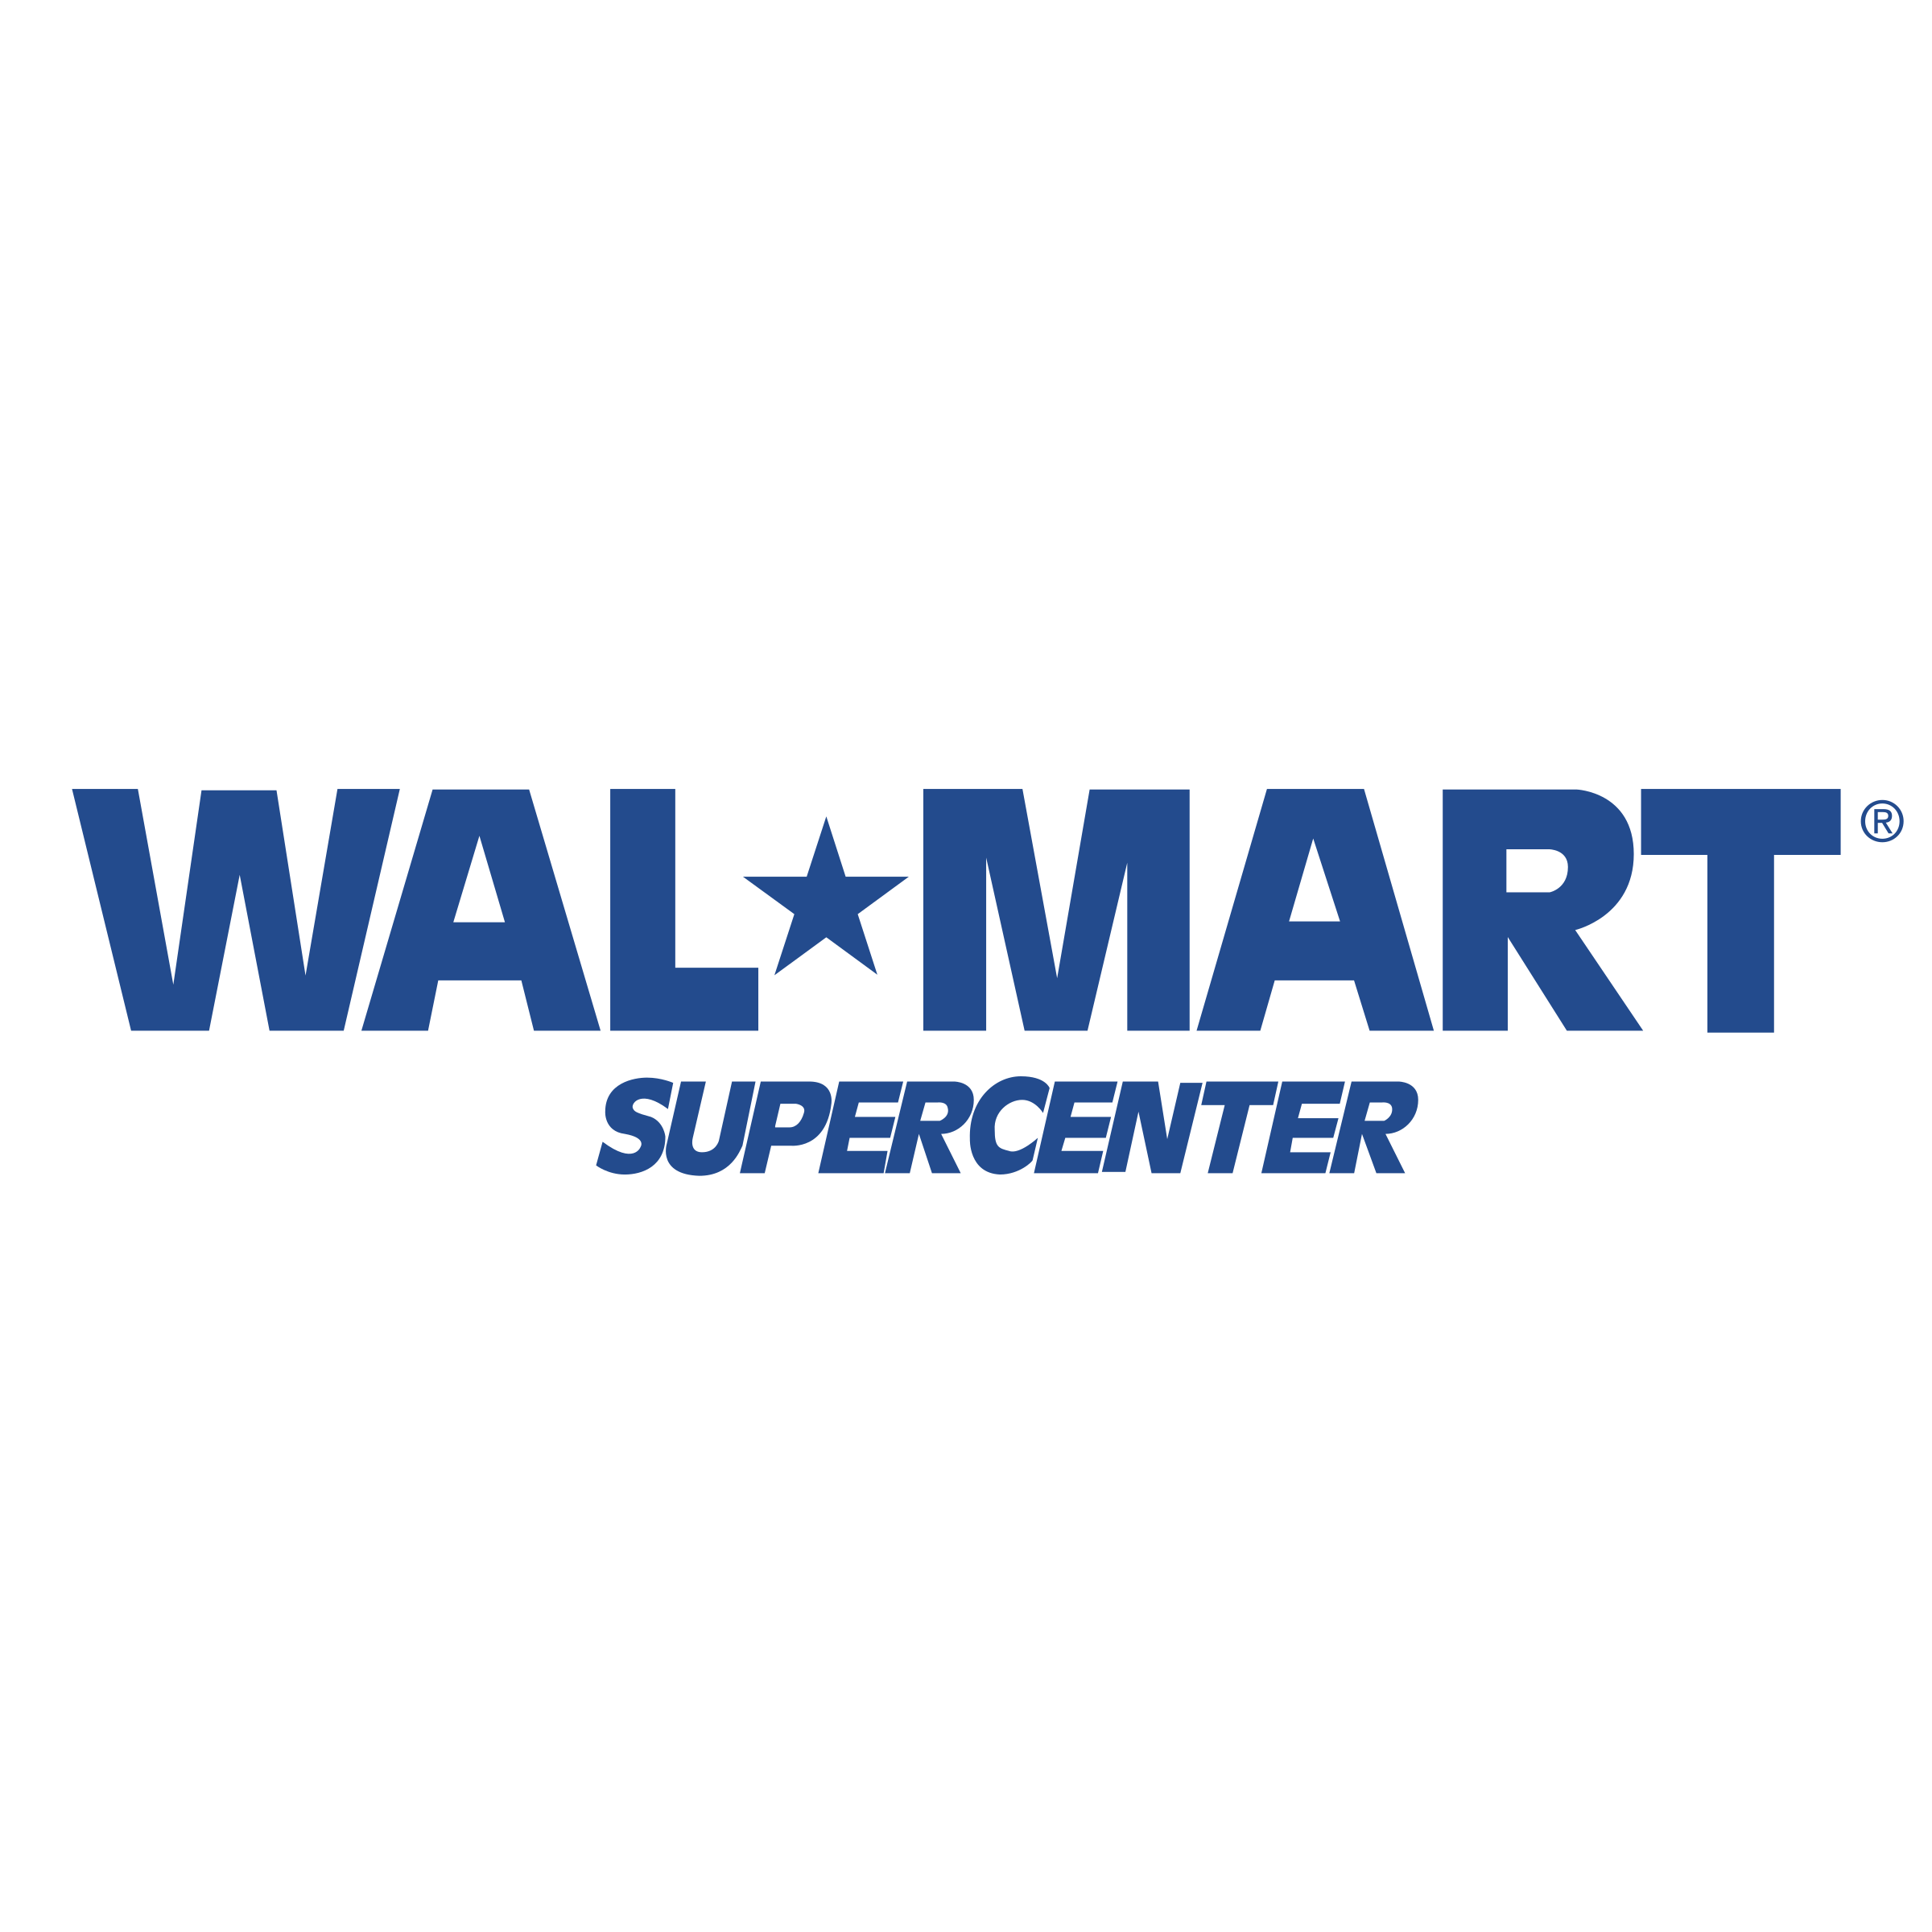 Wal Mart Supercenter Logo PNG Transparent SVG Vector